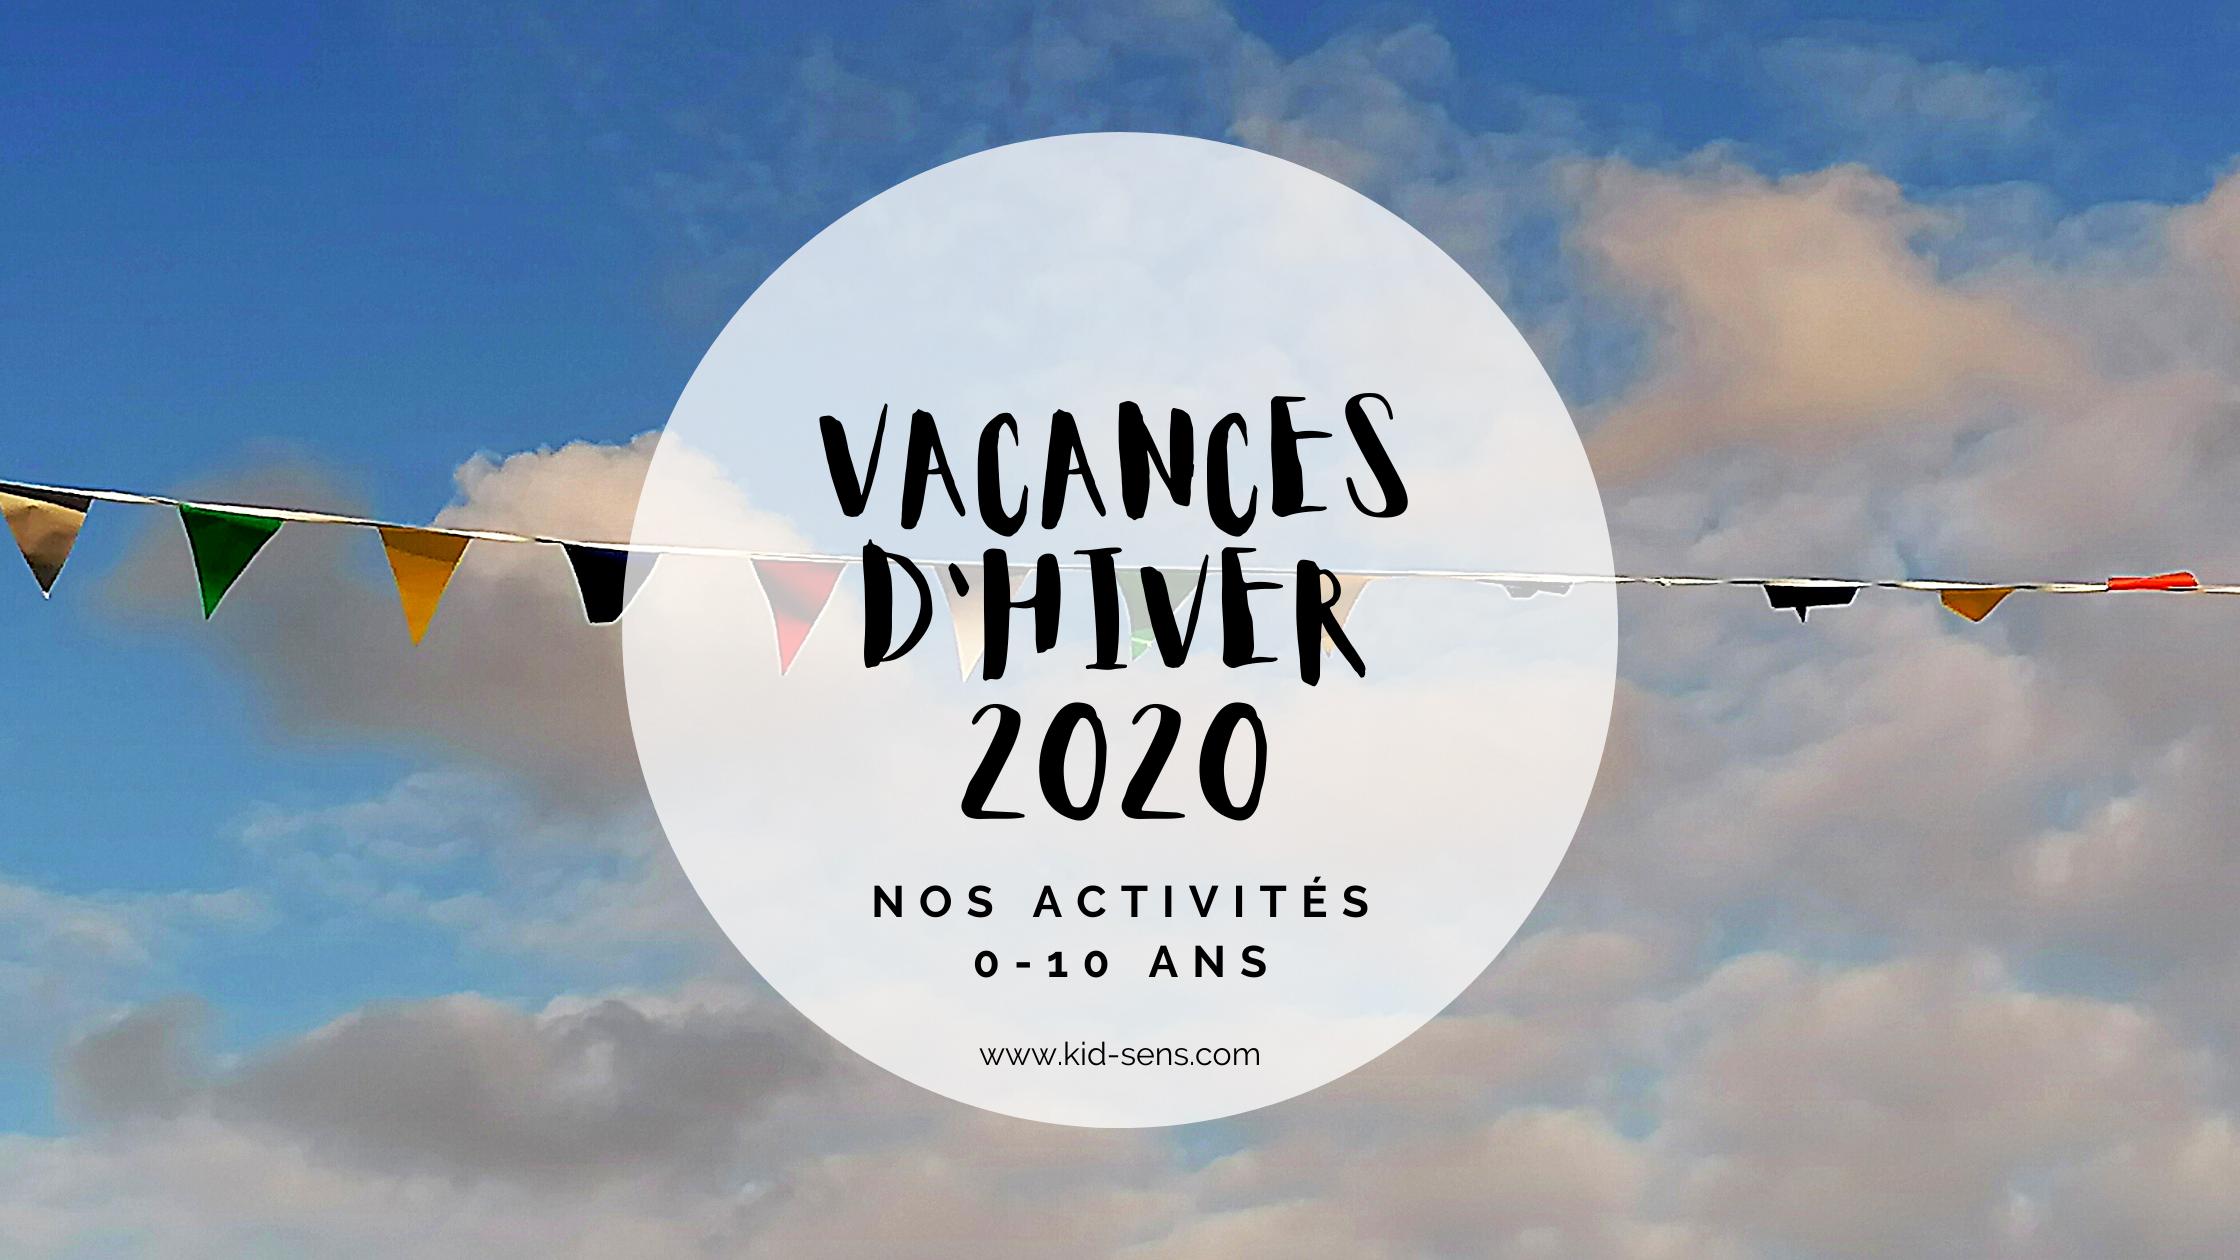 Vacances d'hiver 2020 pour vos enfants à Aix en Provence